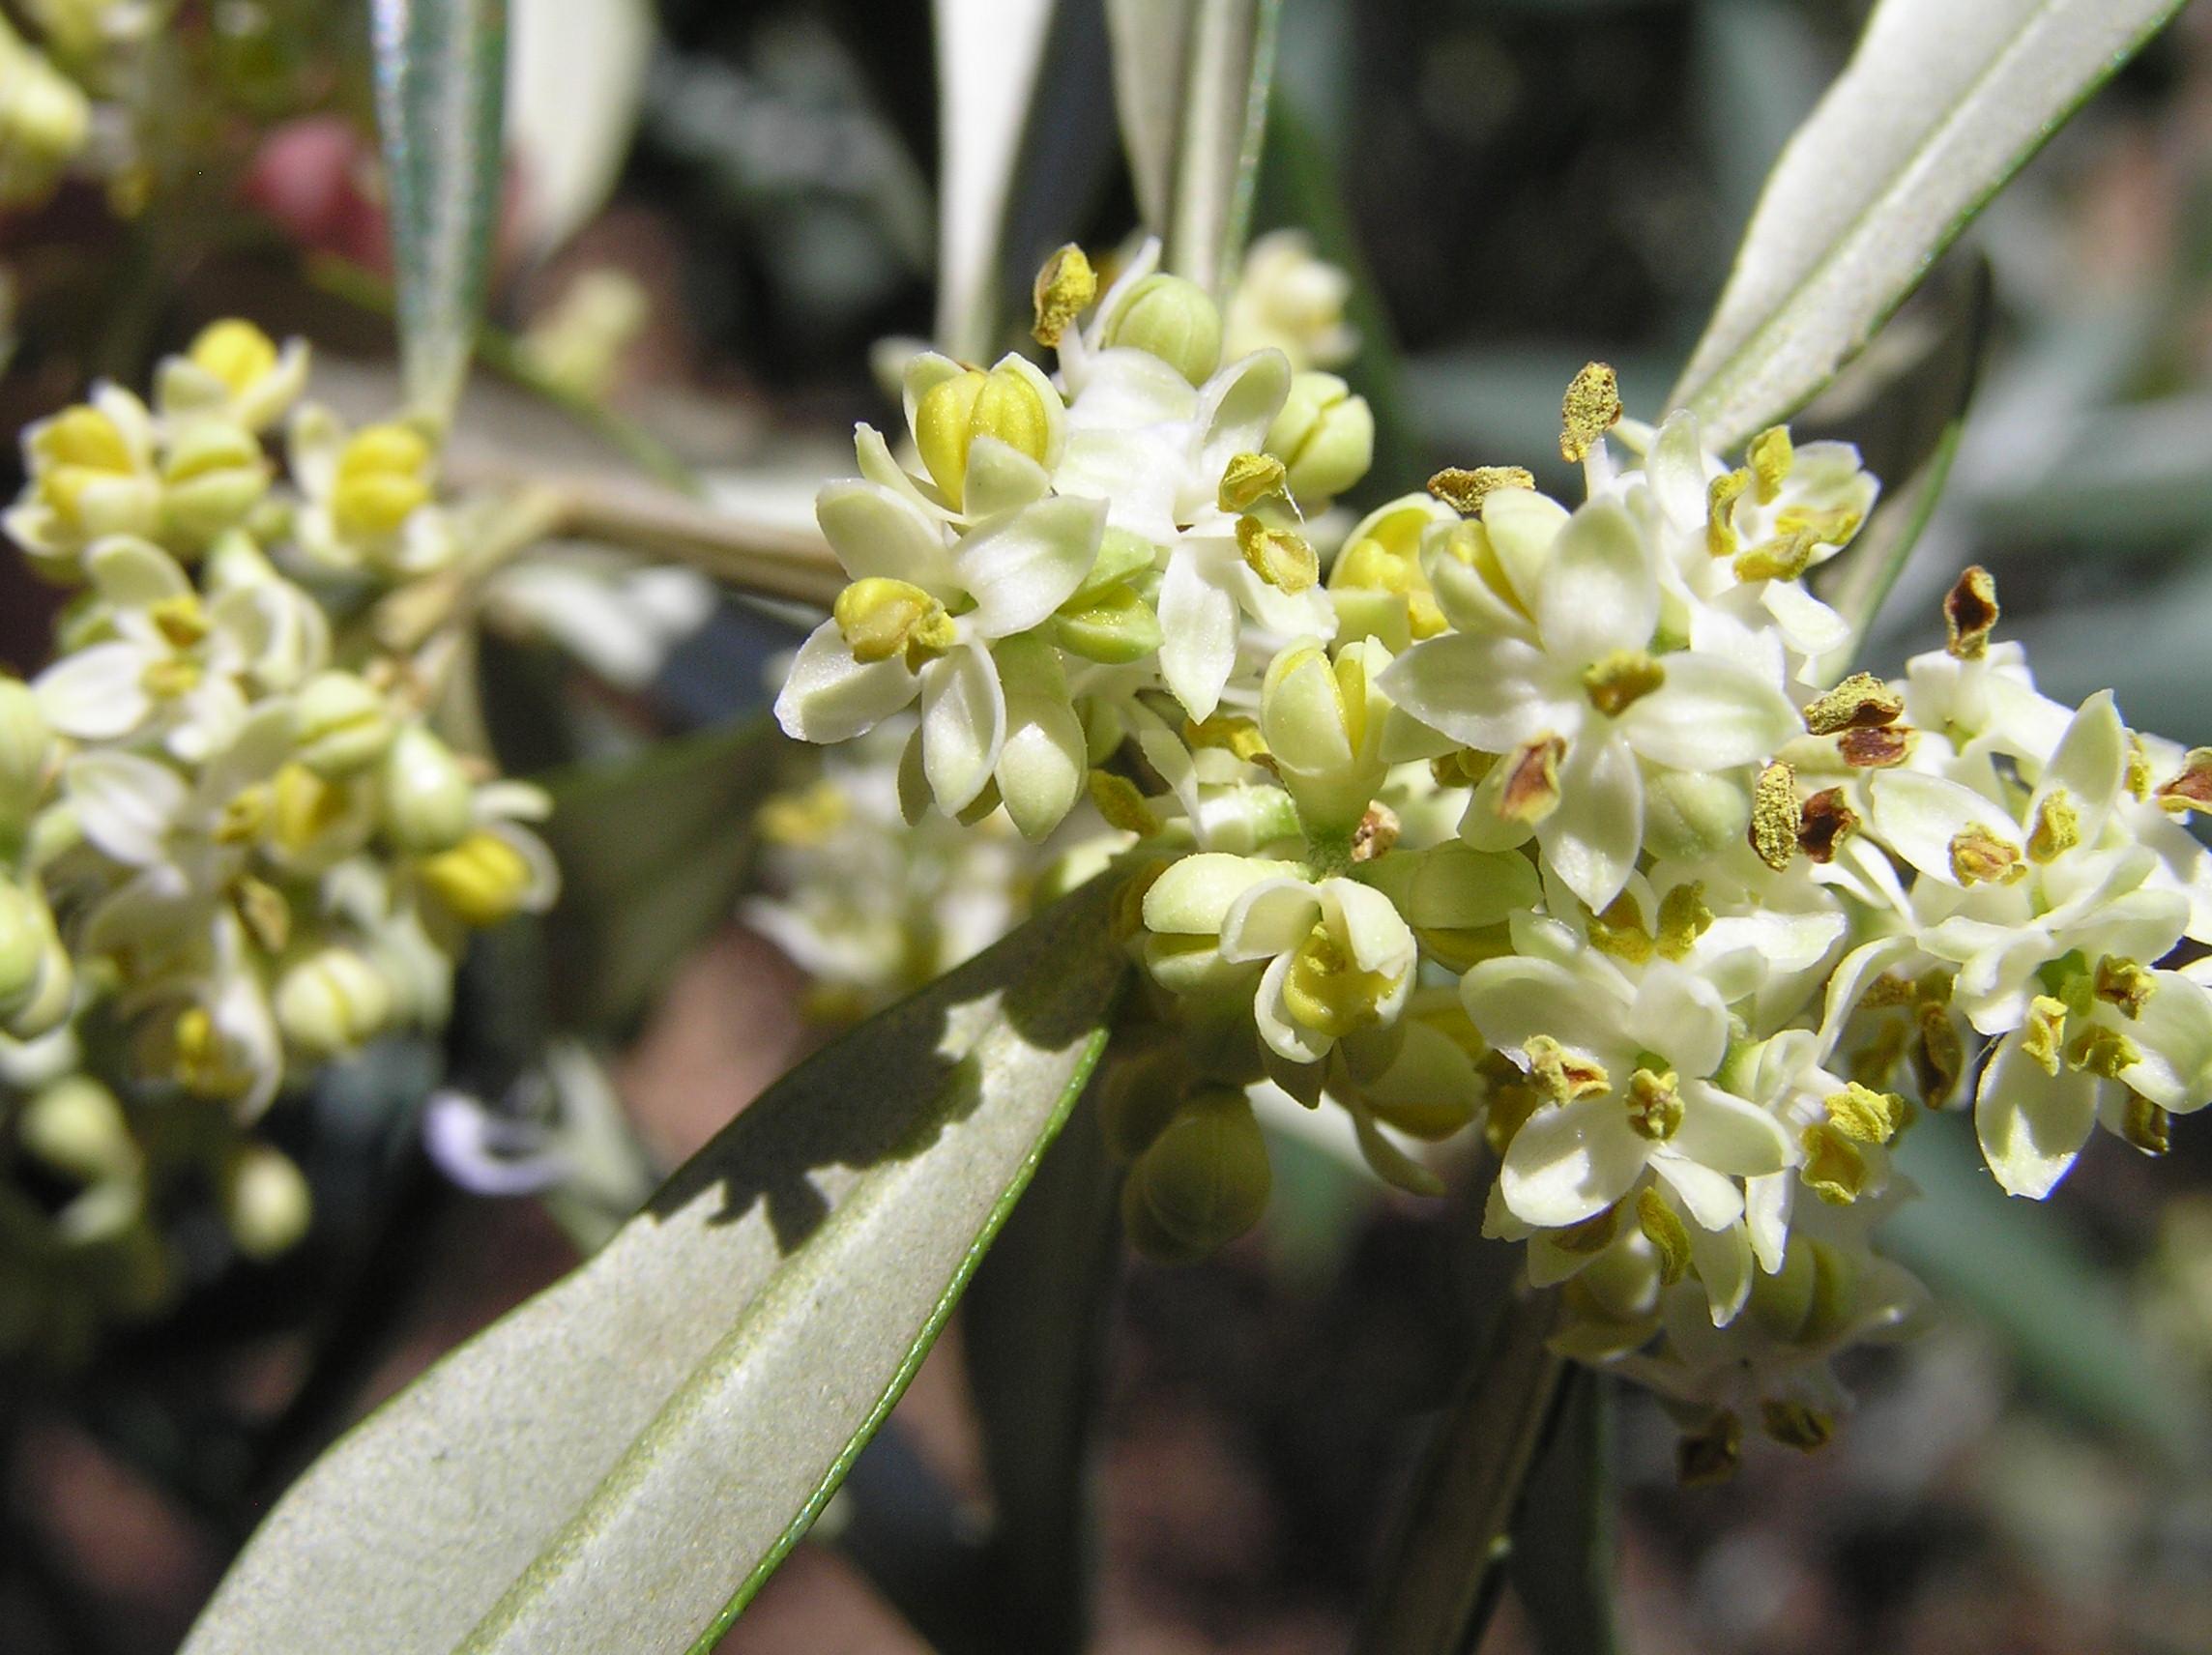 Archivo:La flor del olivo.JPG - Wikipedia, la enciclopedia libre